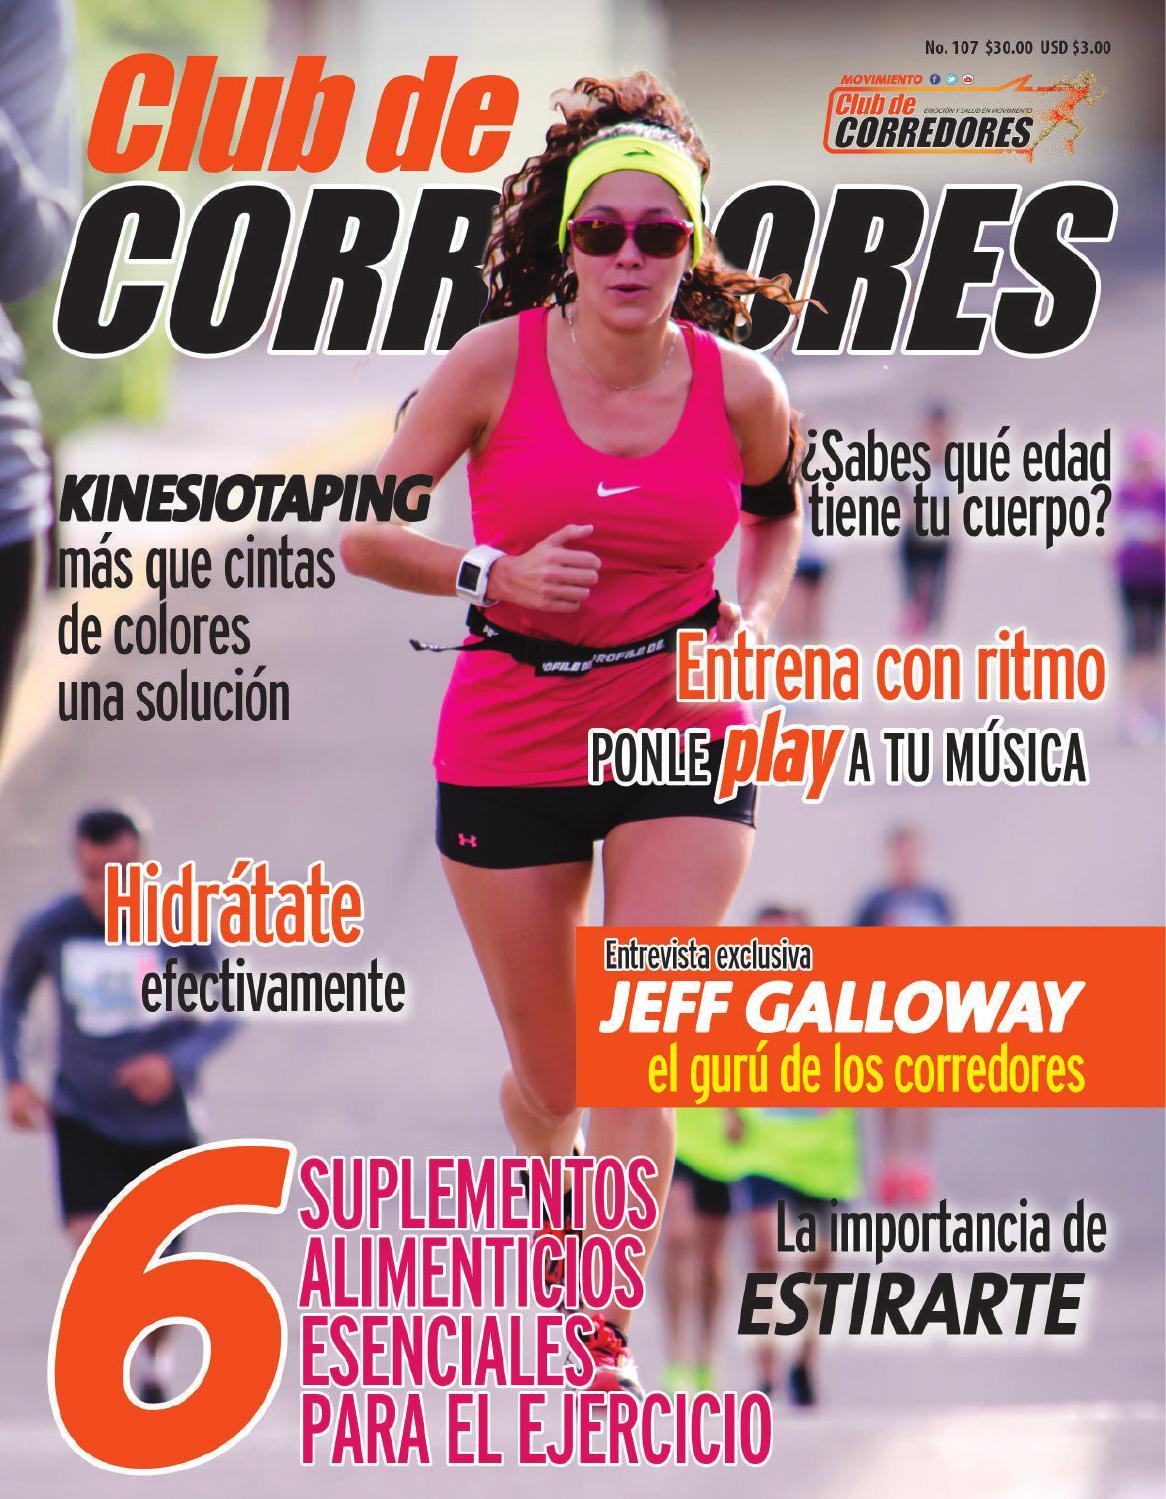 Club de Corredores No.107 by Evolución Laboratorio Creativo - issuu